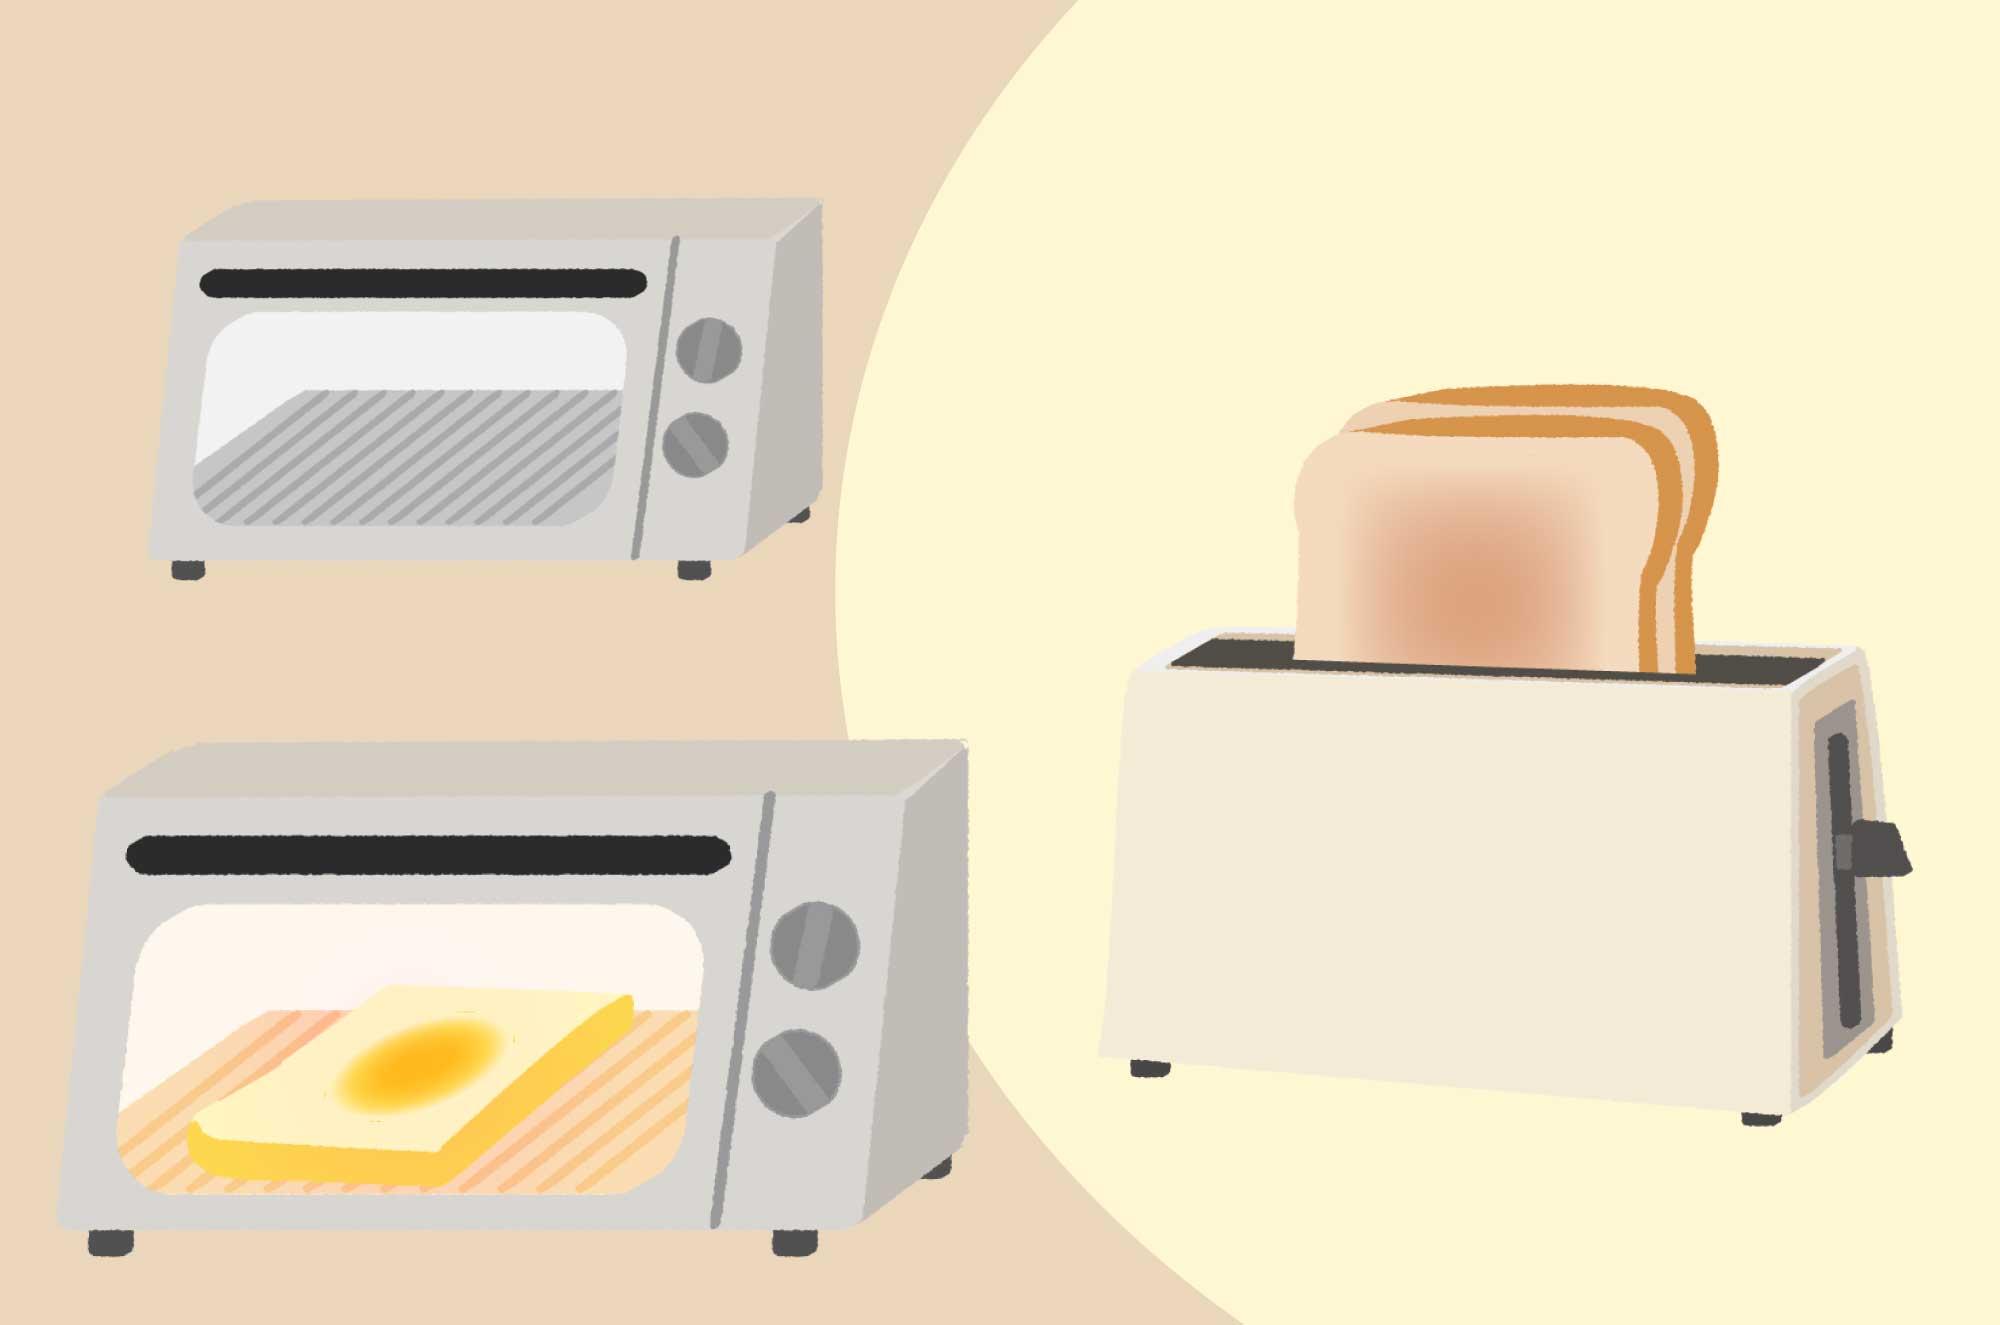 トースターのイラスト - 可愛い食パンと生活家電素材